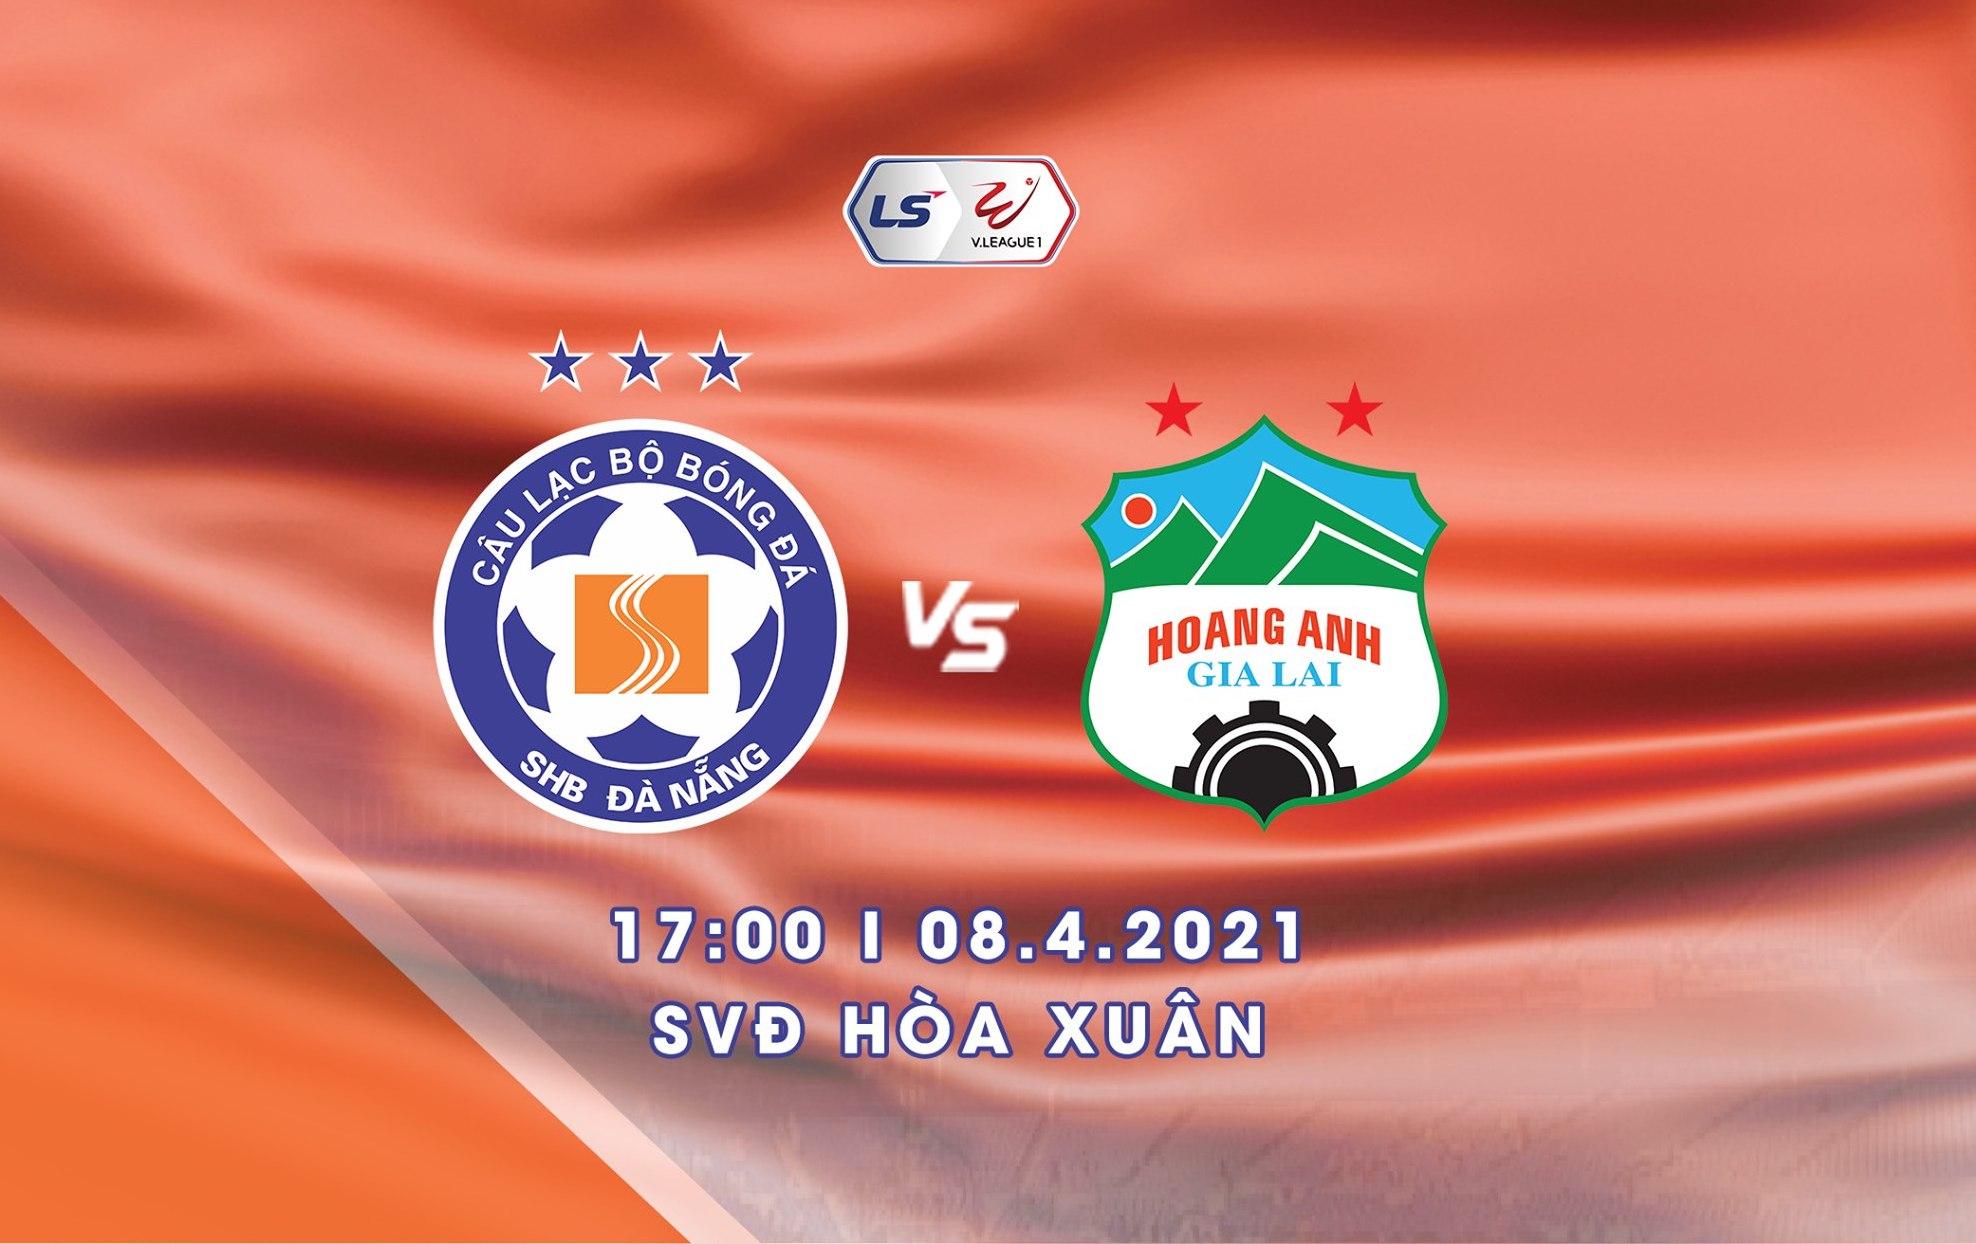 Nhận định bóng đá HAGL vs Đà Nẵng: Đại chiến ngôi đầu